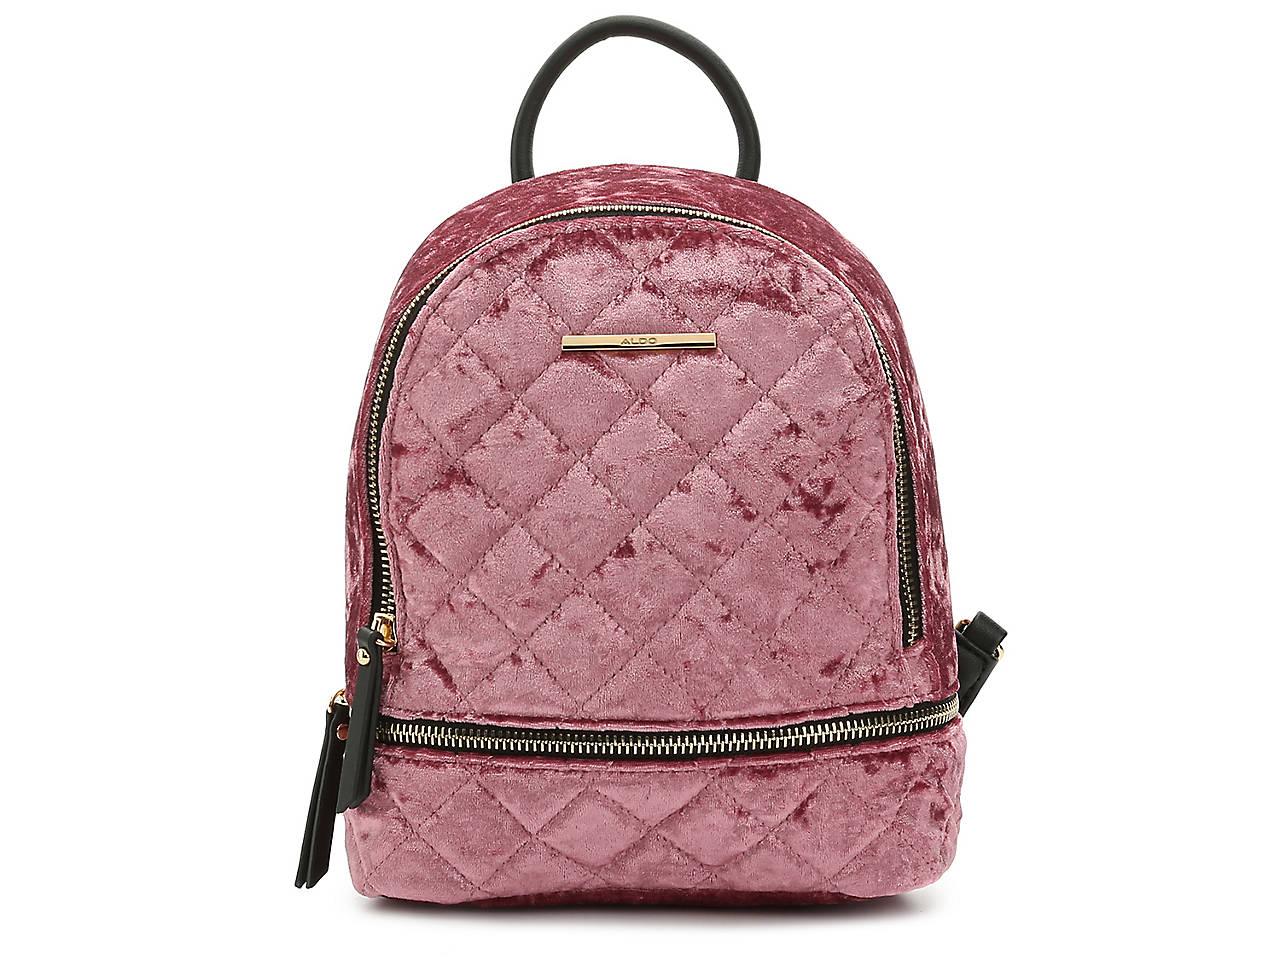 515623b5008a5 Aldo Edroiana Velvet Mini Backpack Women s Handbags   Accessories